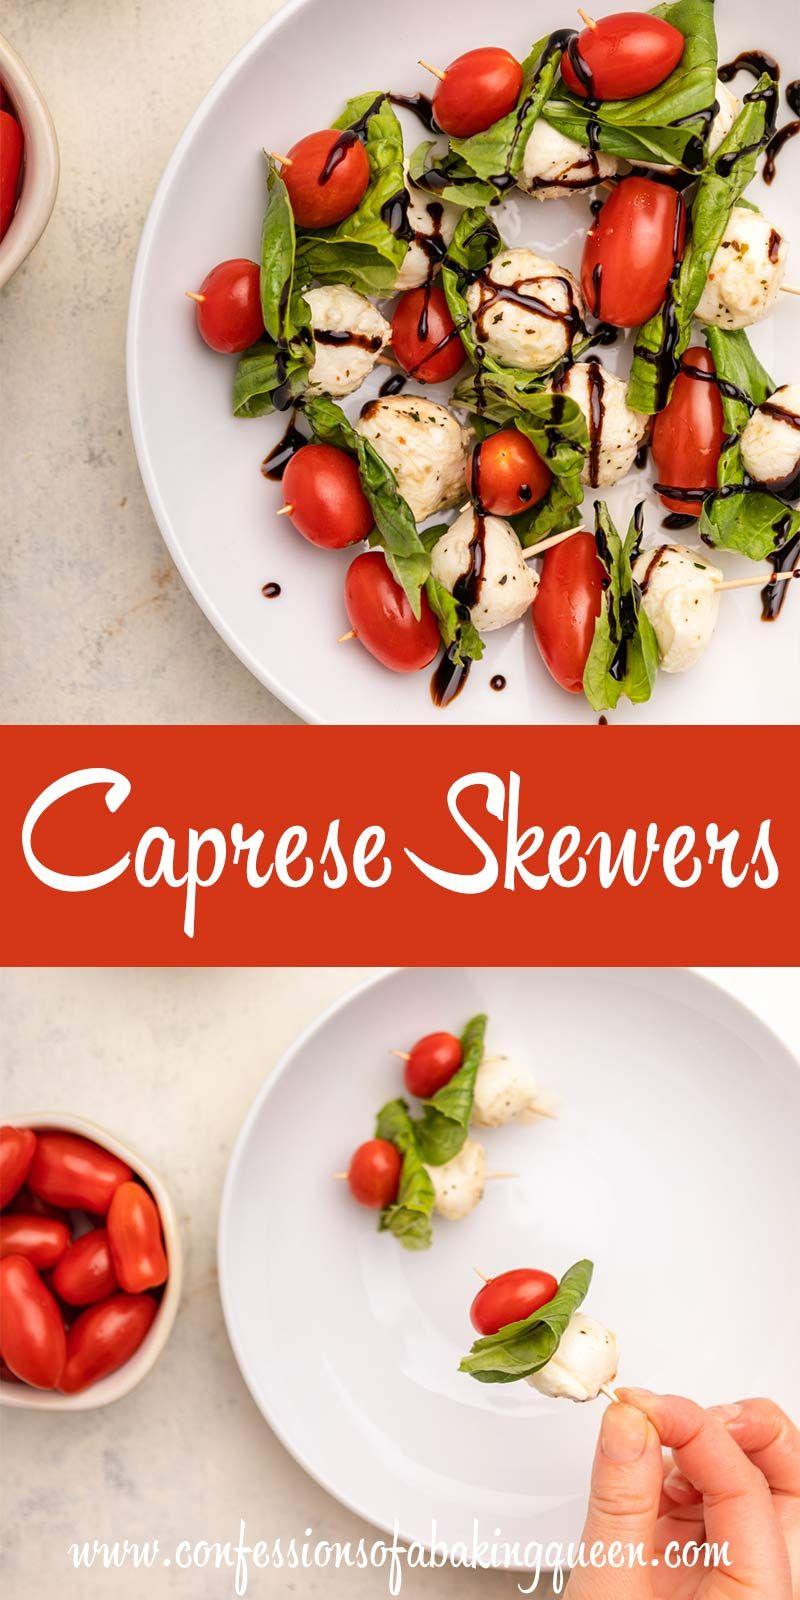 Caprese Skewers In 2020 Appetizer Recipes Caprese Skewers Appetizers